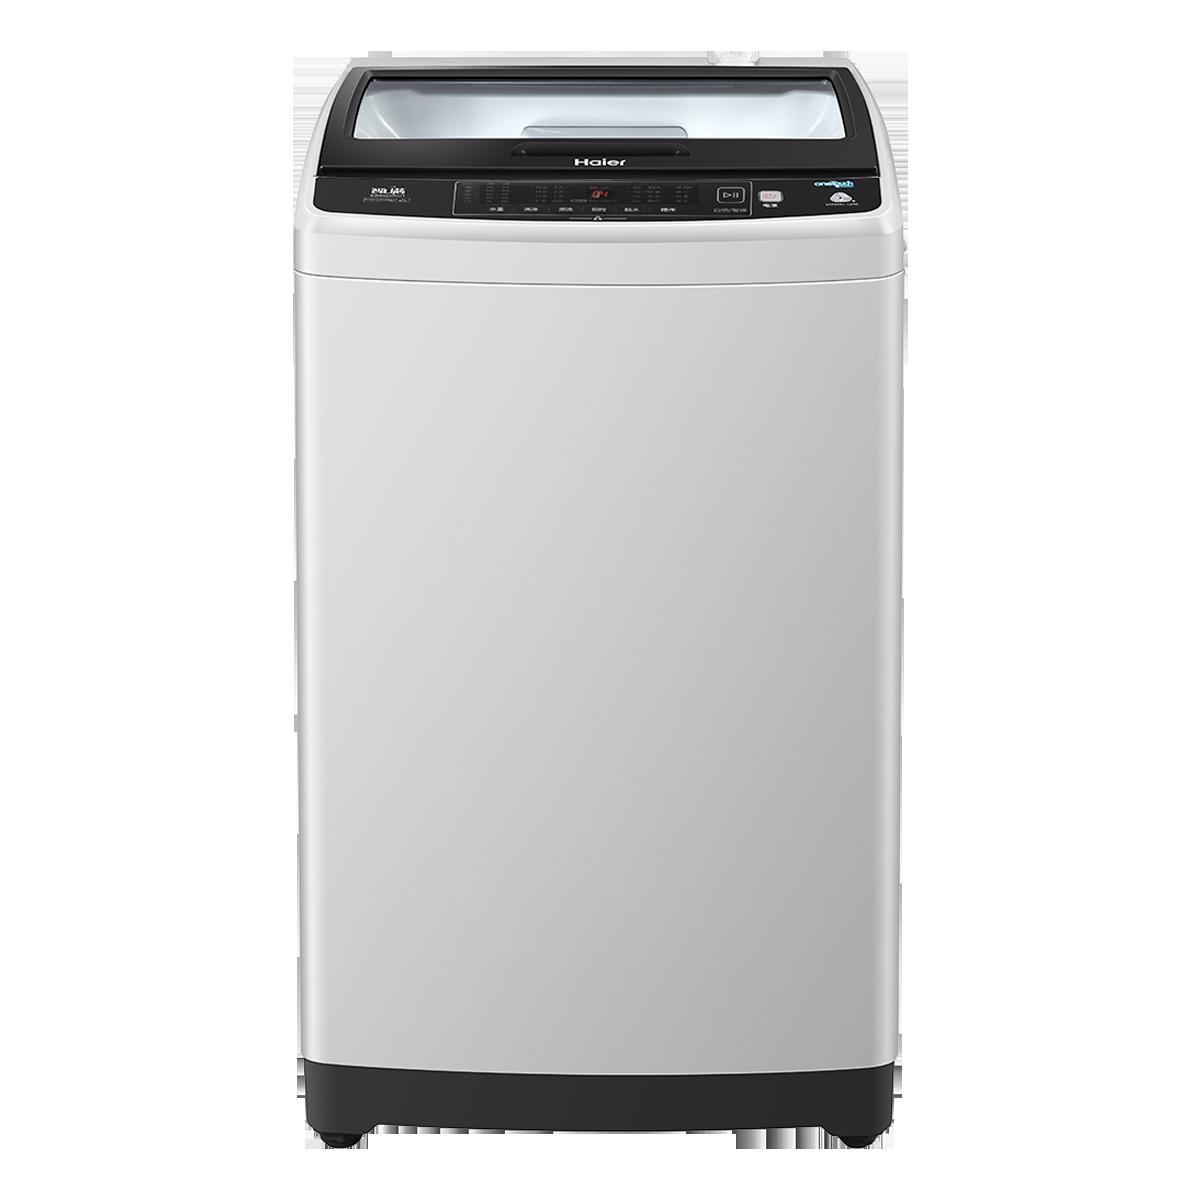 海尔Haier洗衣机 ES80Z3WU1 说明书